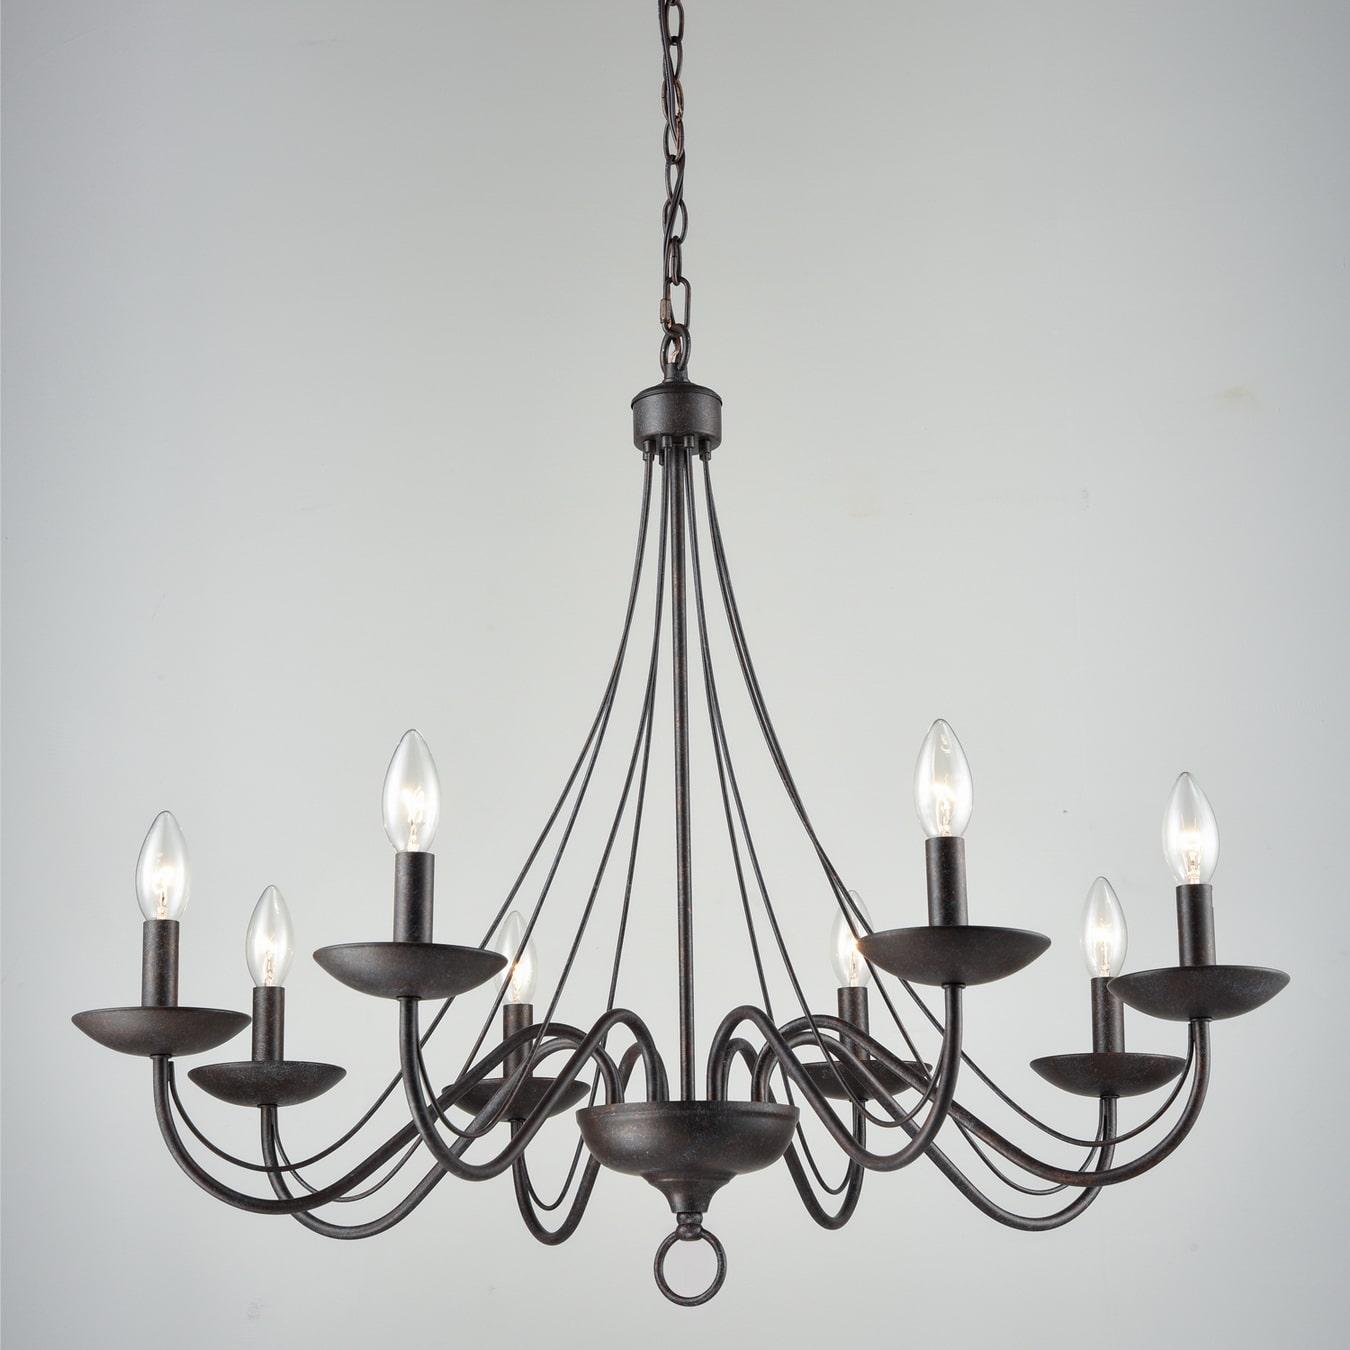 Vintage Chandelier Black Candle Chandelier for Dining 8 Light